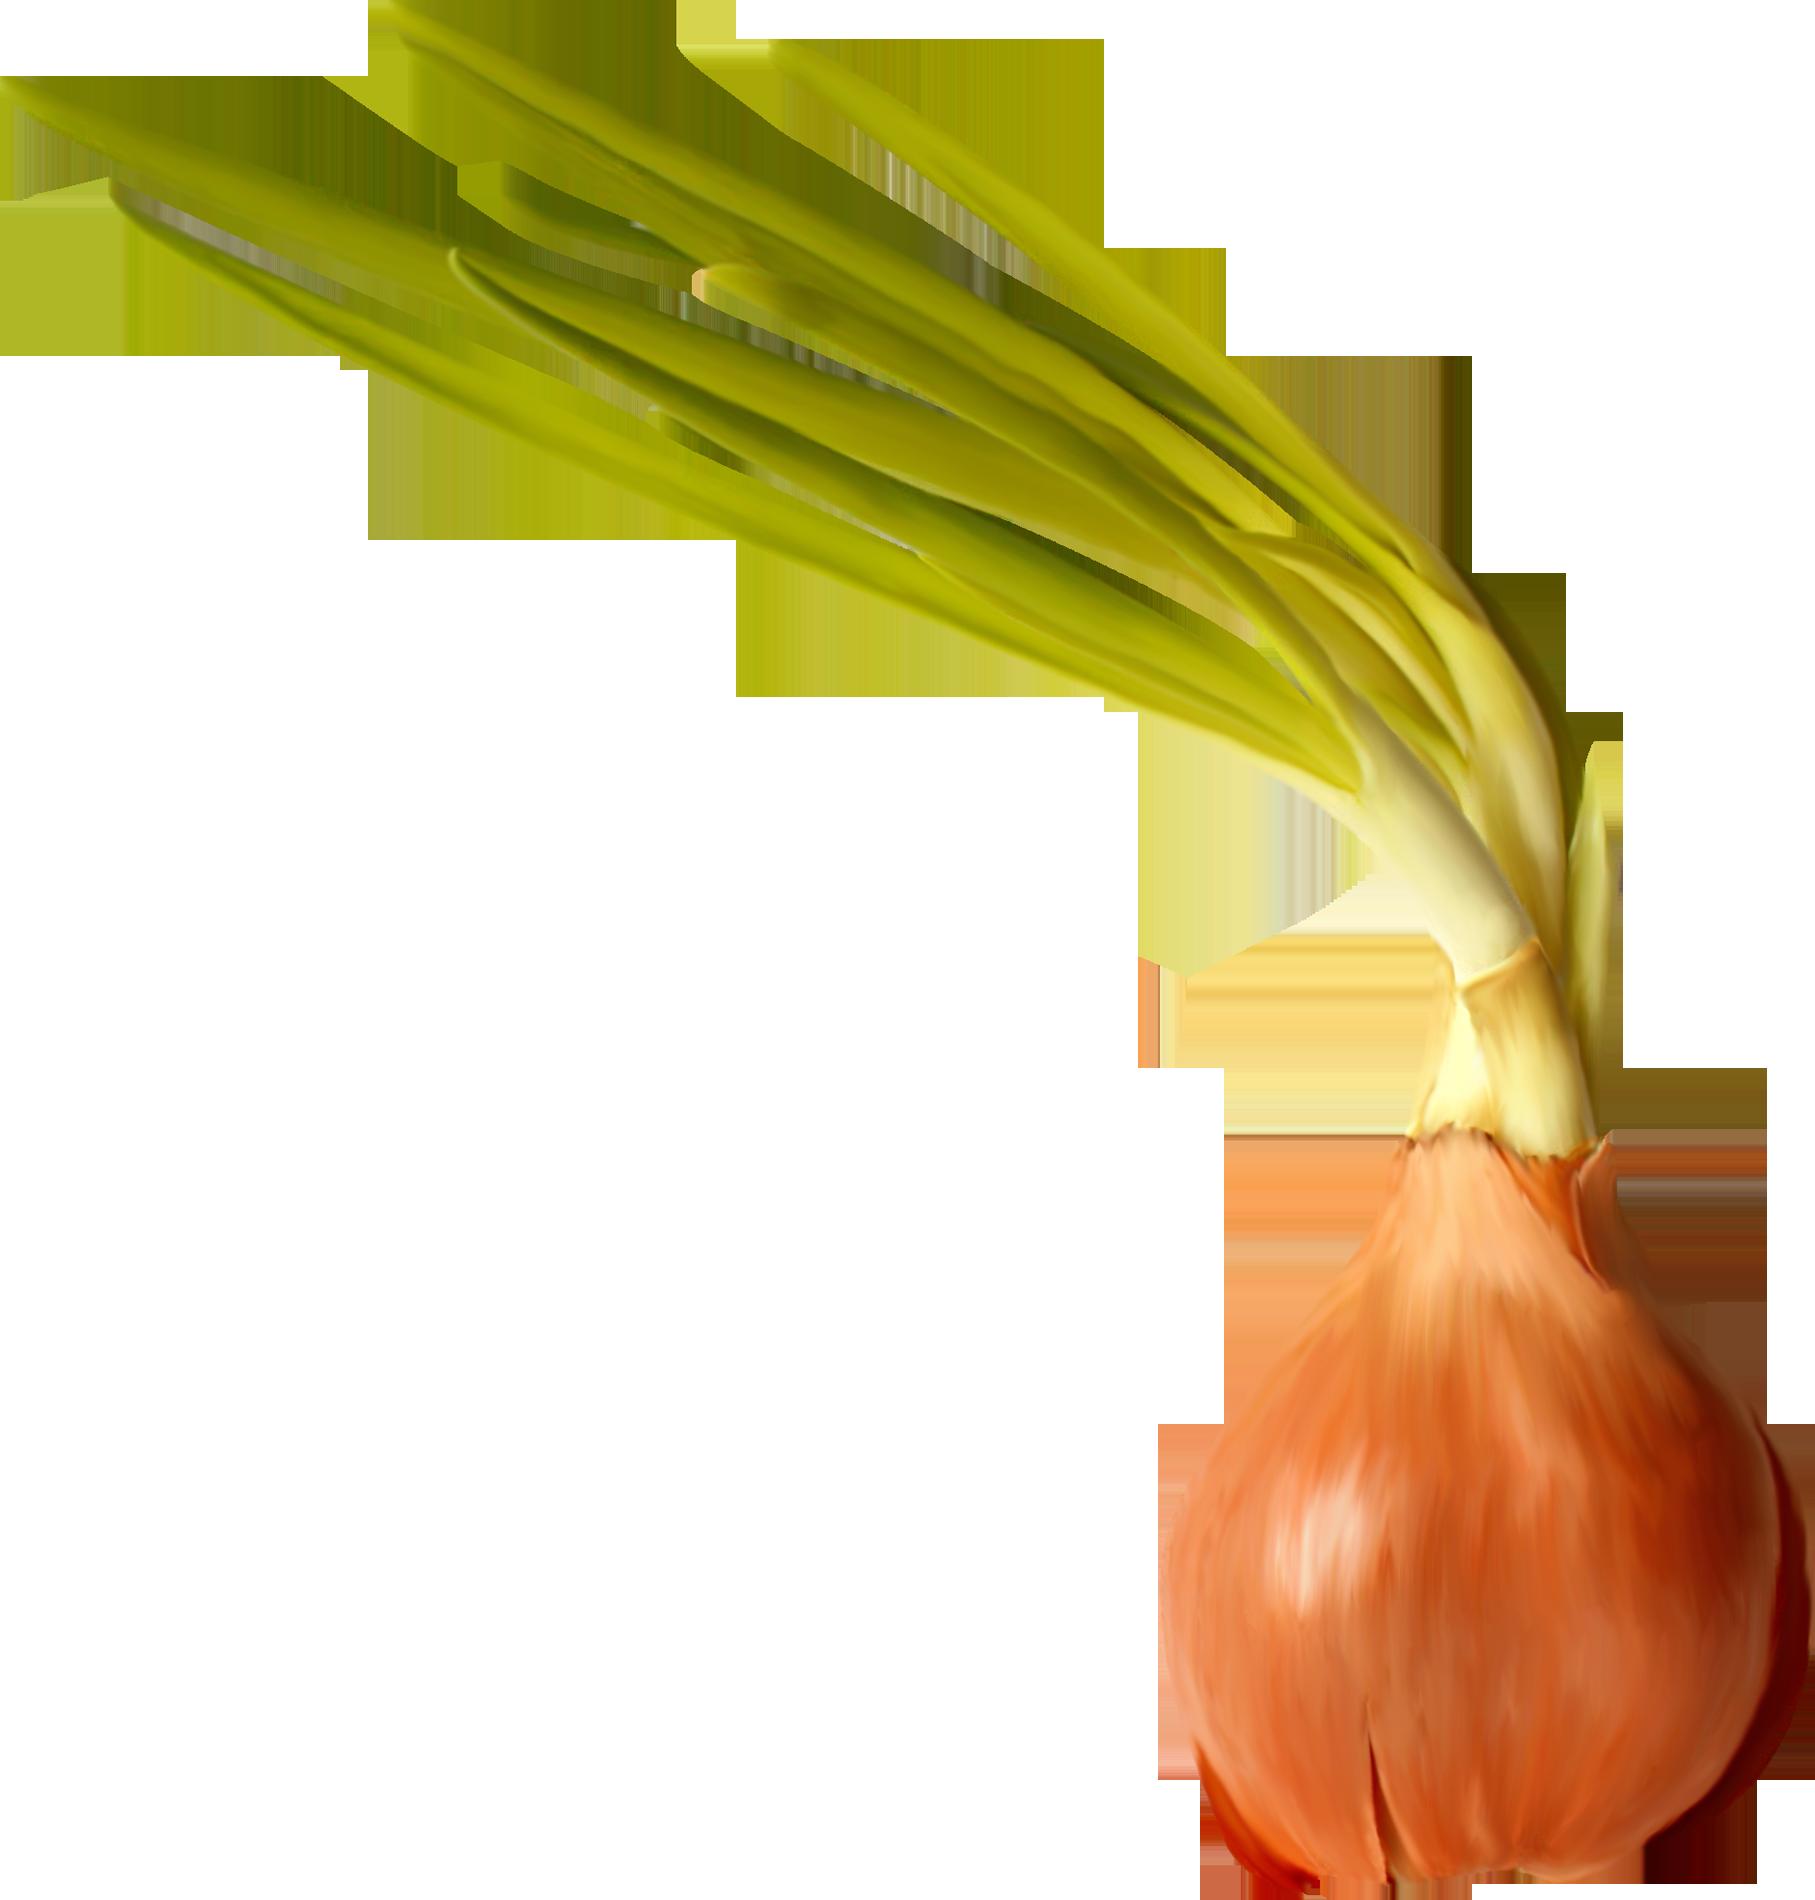 Garlic clipart onion garlic. Food clip art pretty